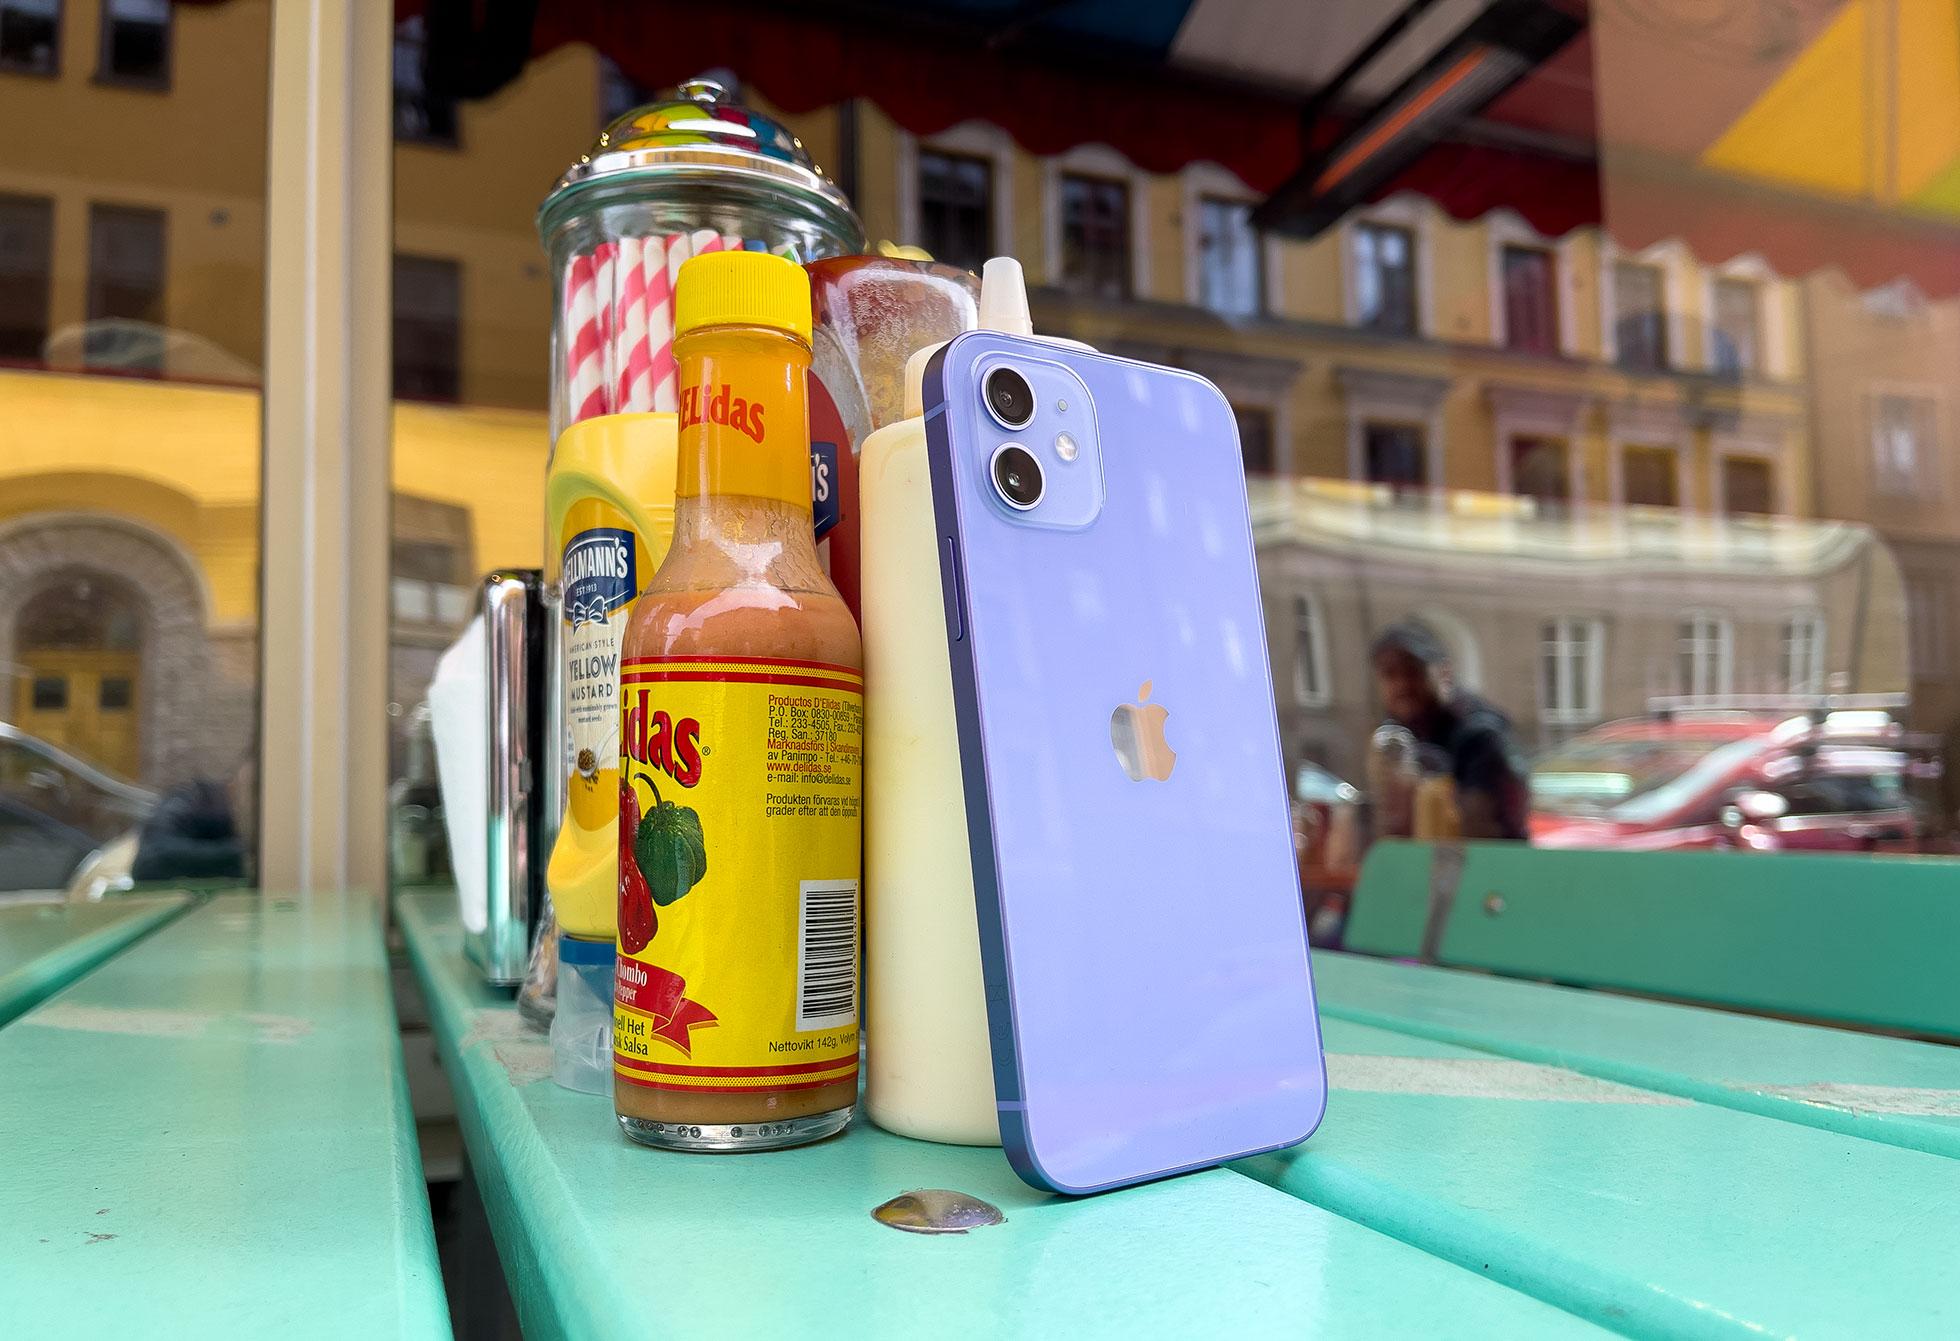 Exklusivt! Några bilder på lila iPhone 12 Vad tycker ni?